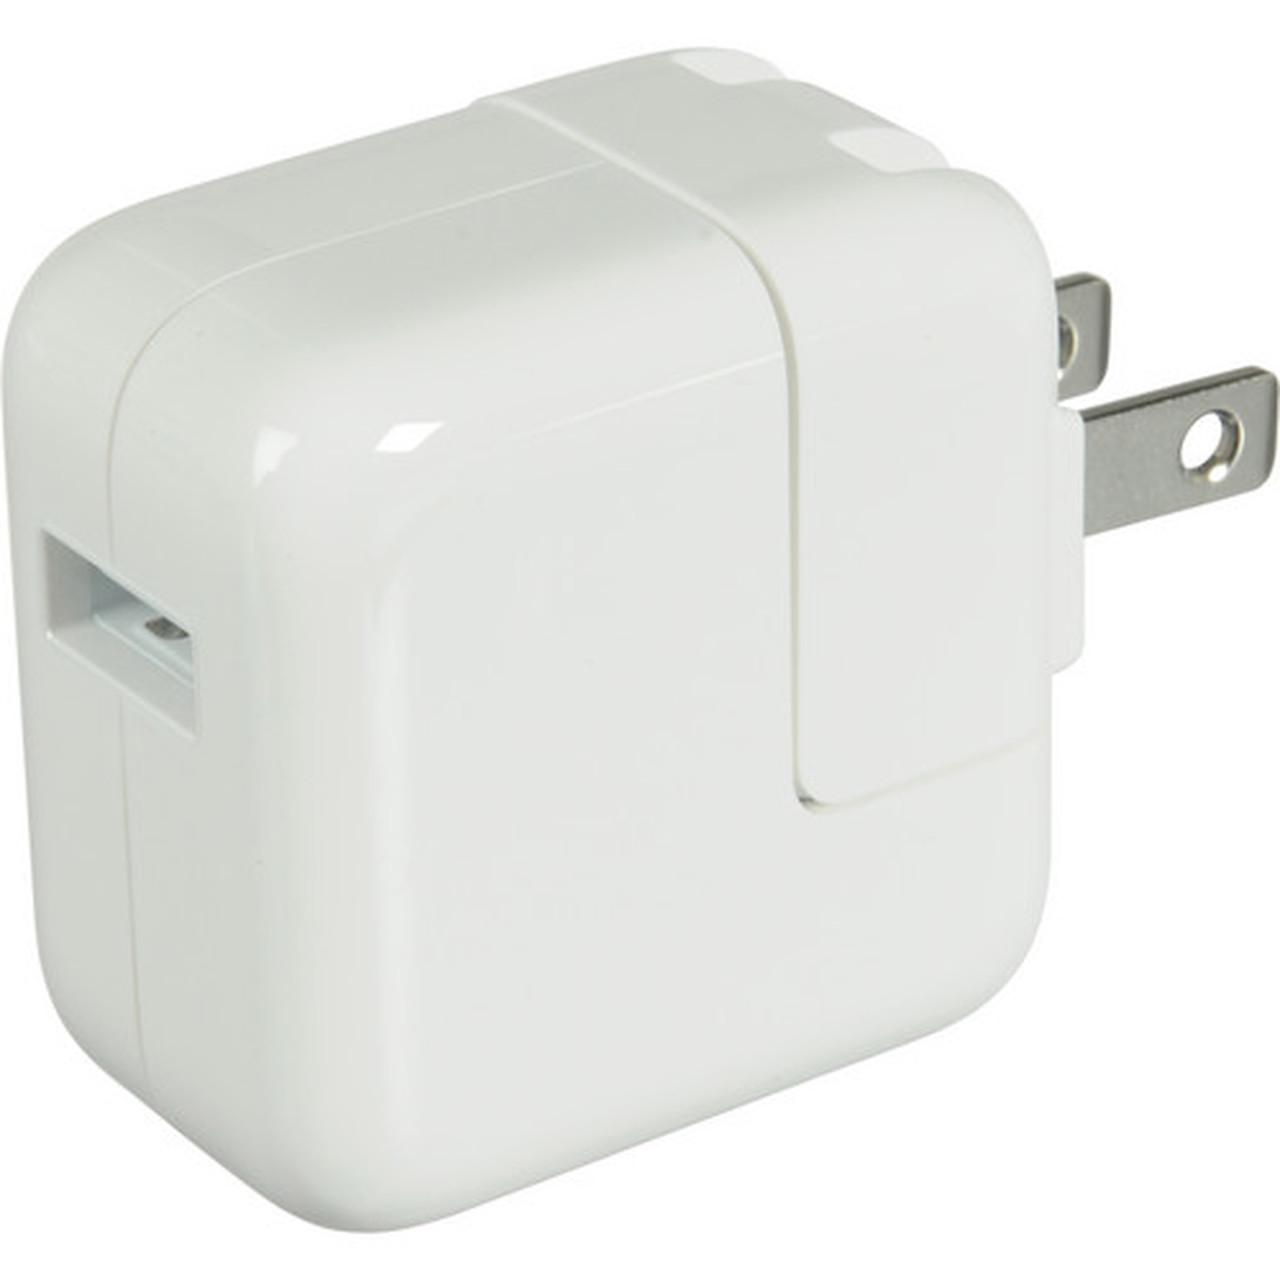 iPad_charging_block__23401.1527603515.jpg